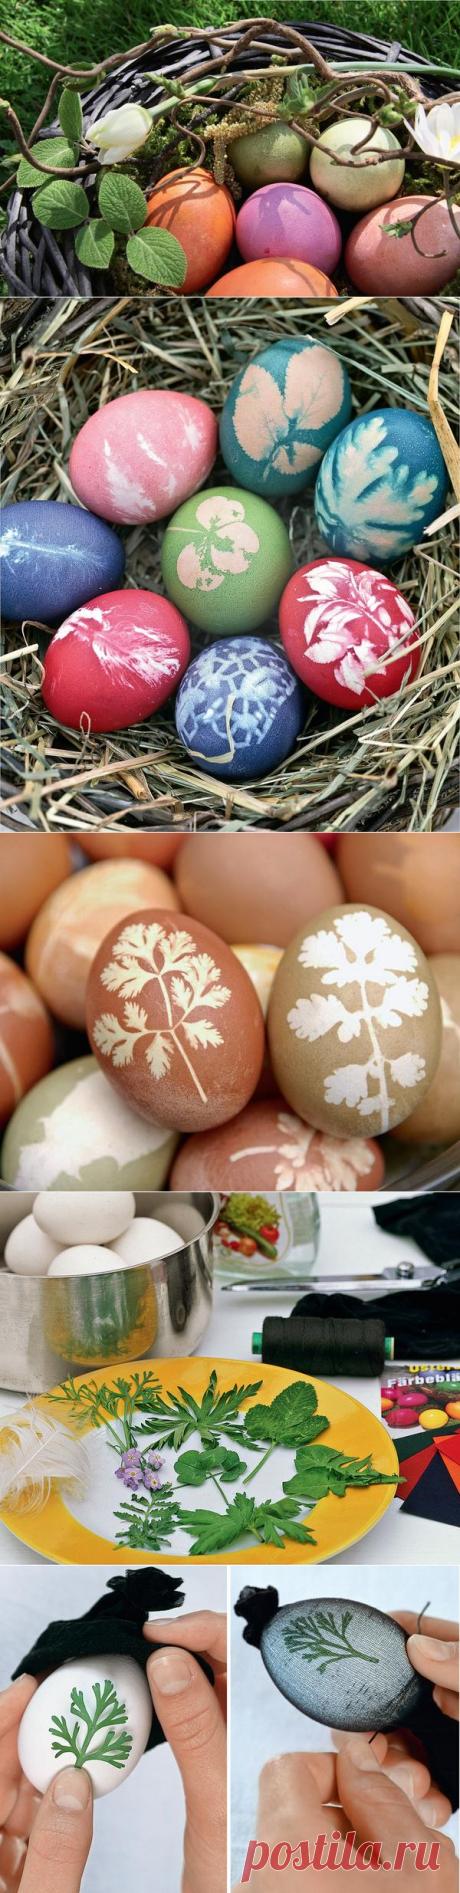 Раскрашенные природой: натуральные красители для пасхальных яиц / Пасха / 7dach.ru